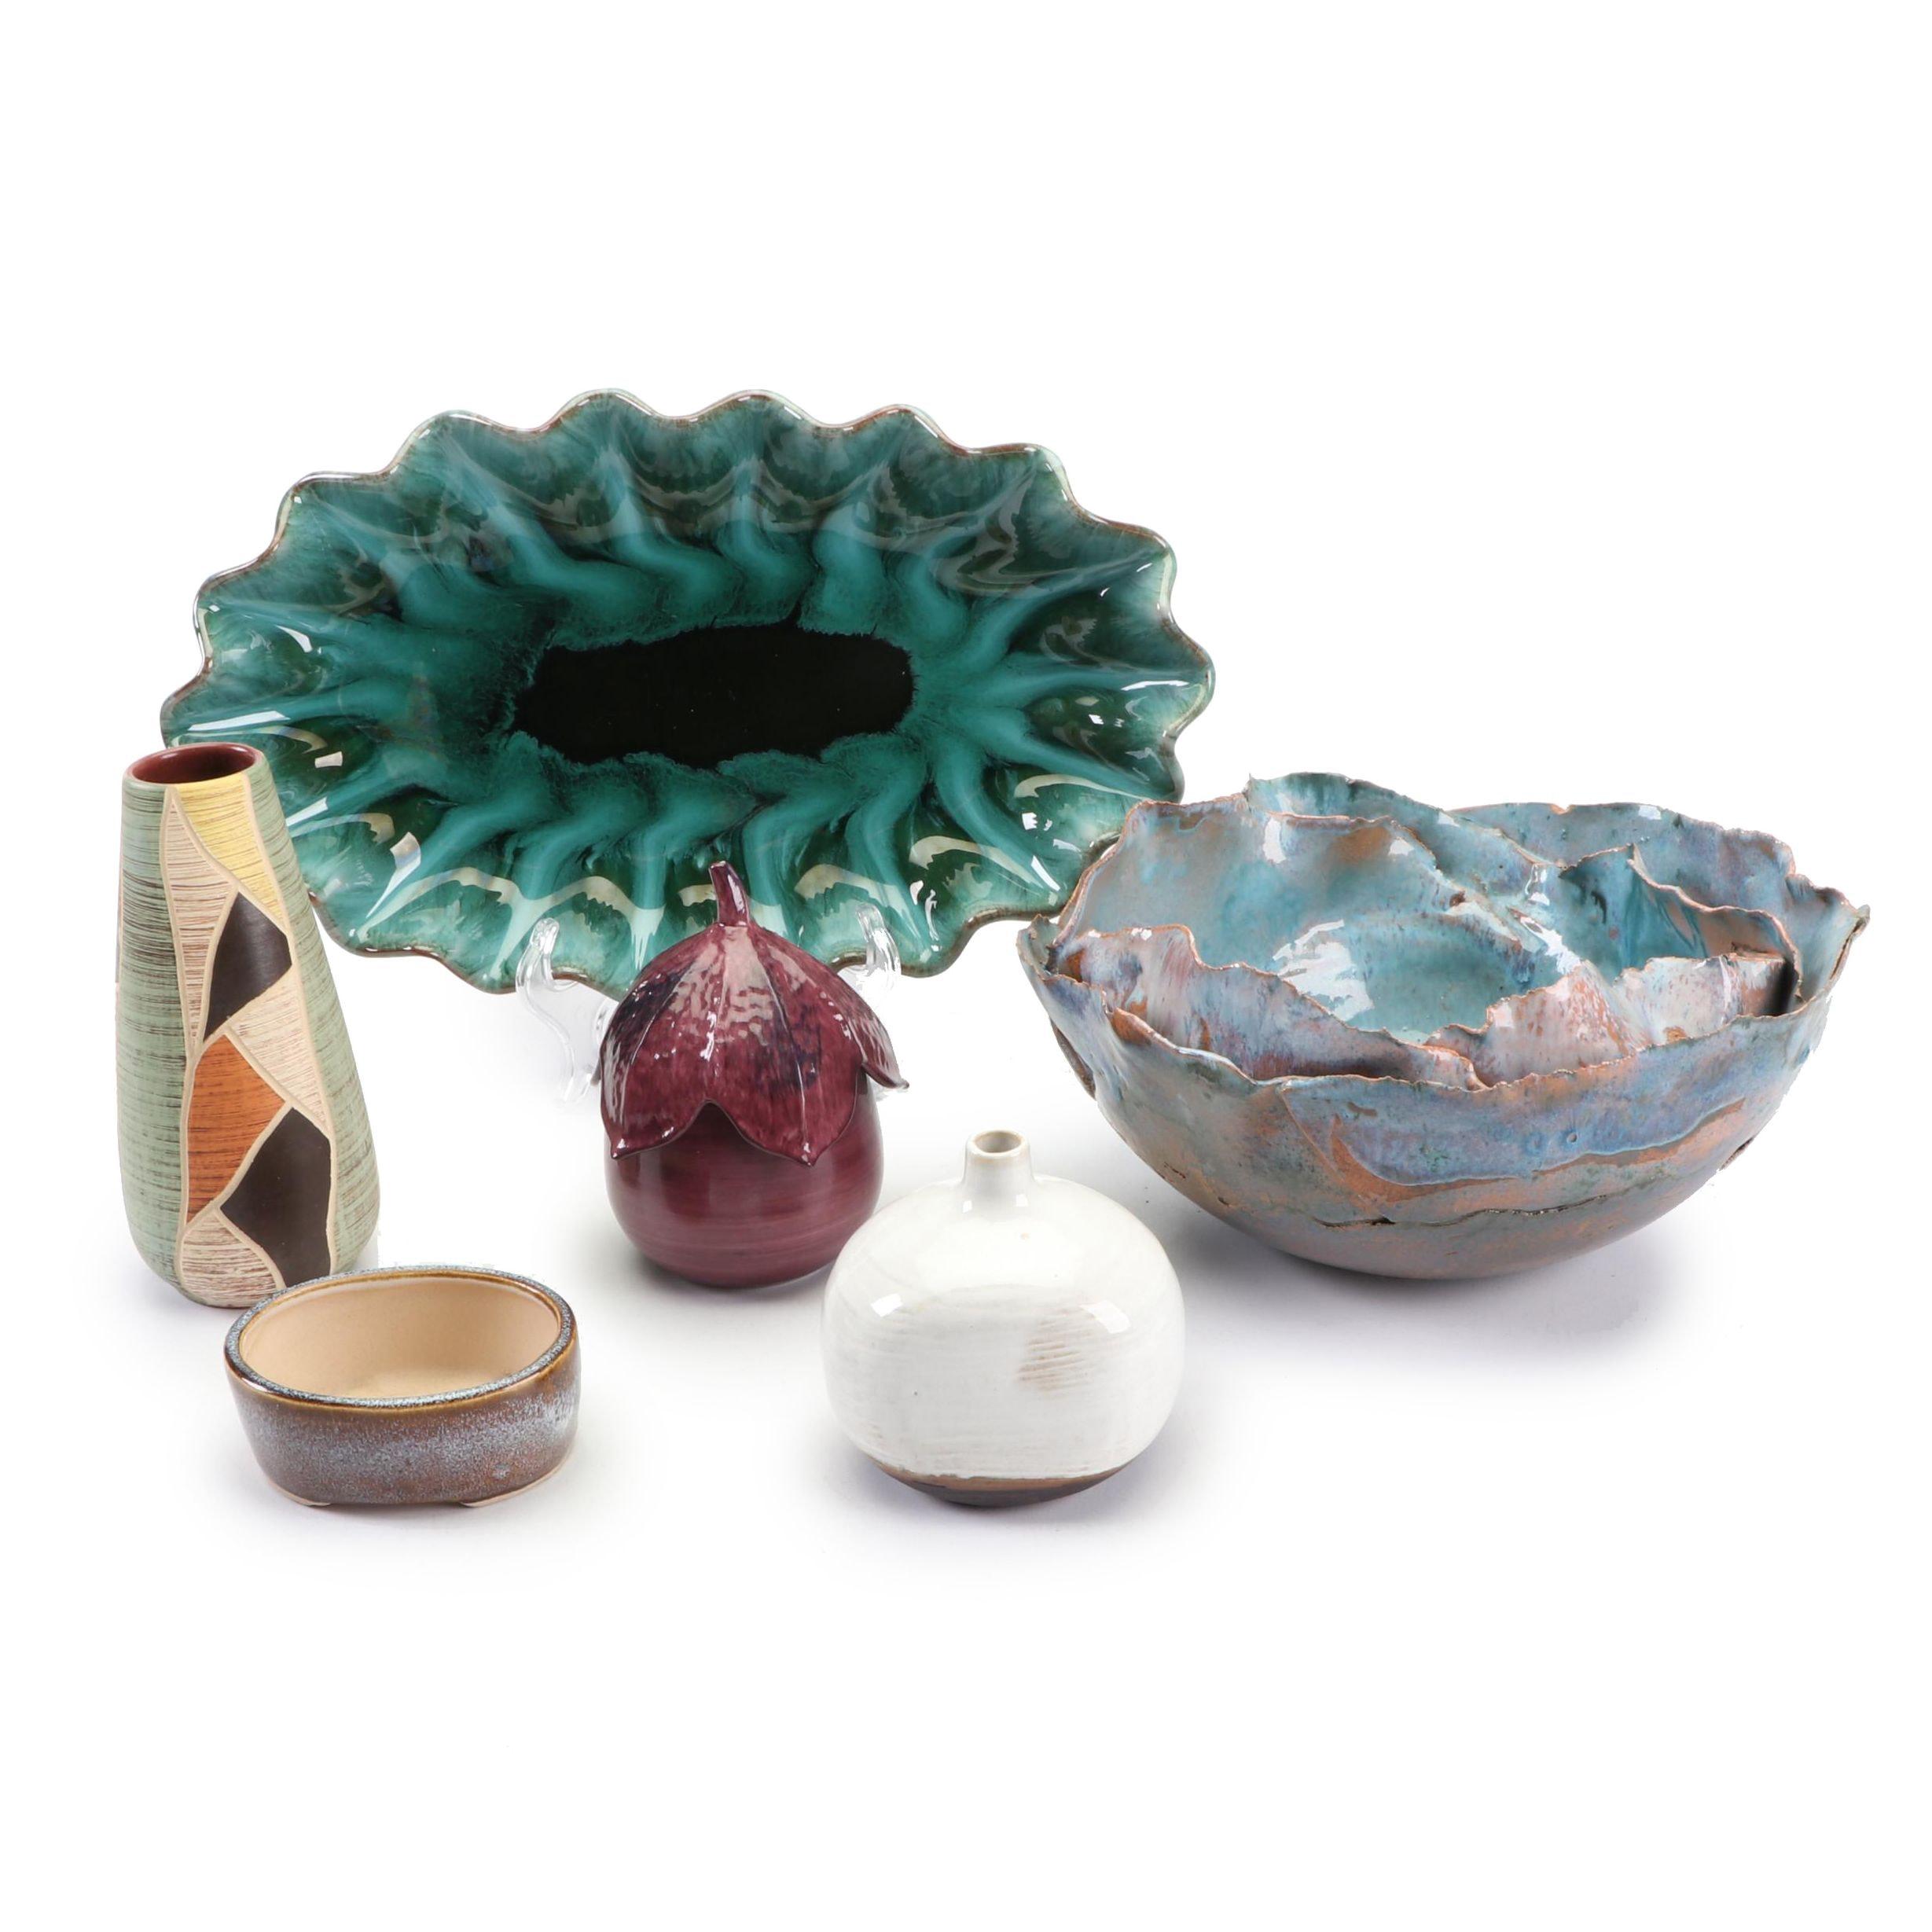 Handbuilt and Cast Stoneware and Porcelain Home Decor